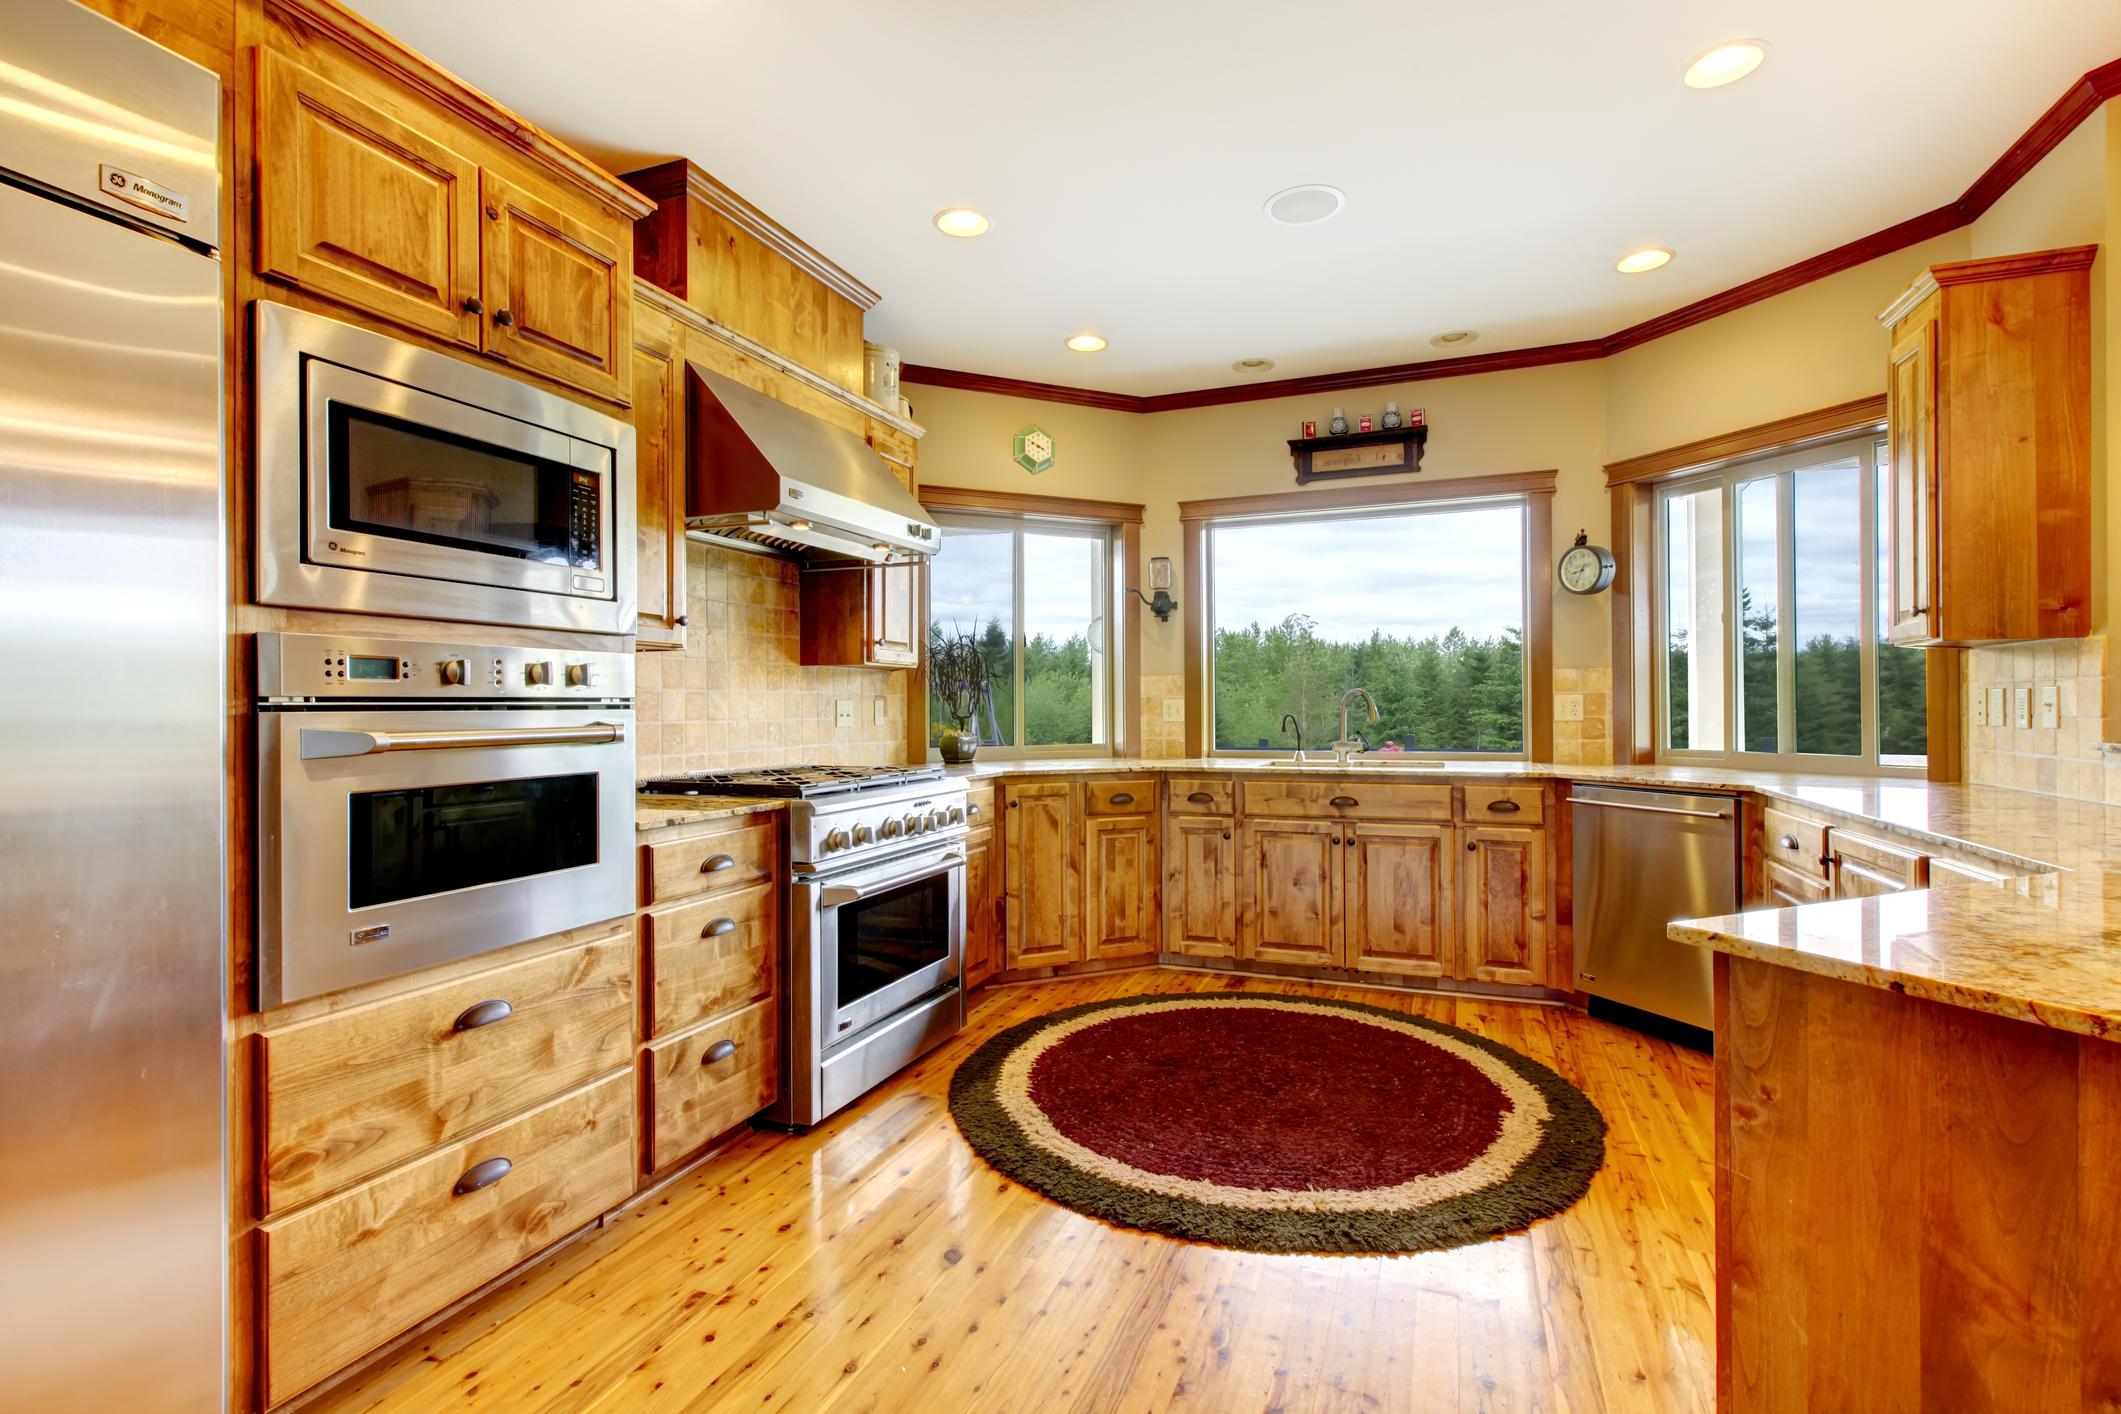 Wood luxury home kitchen interior